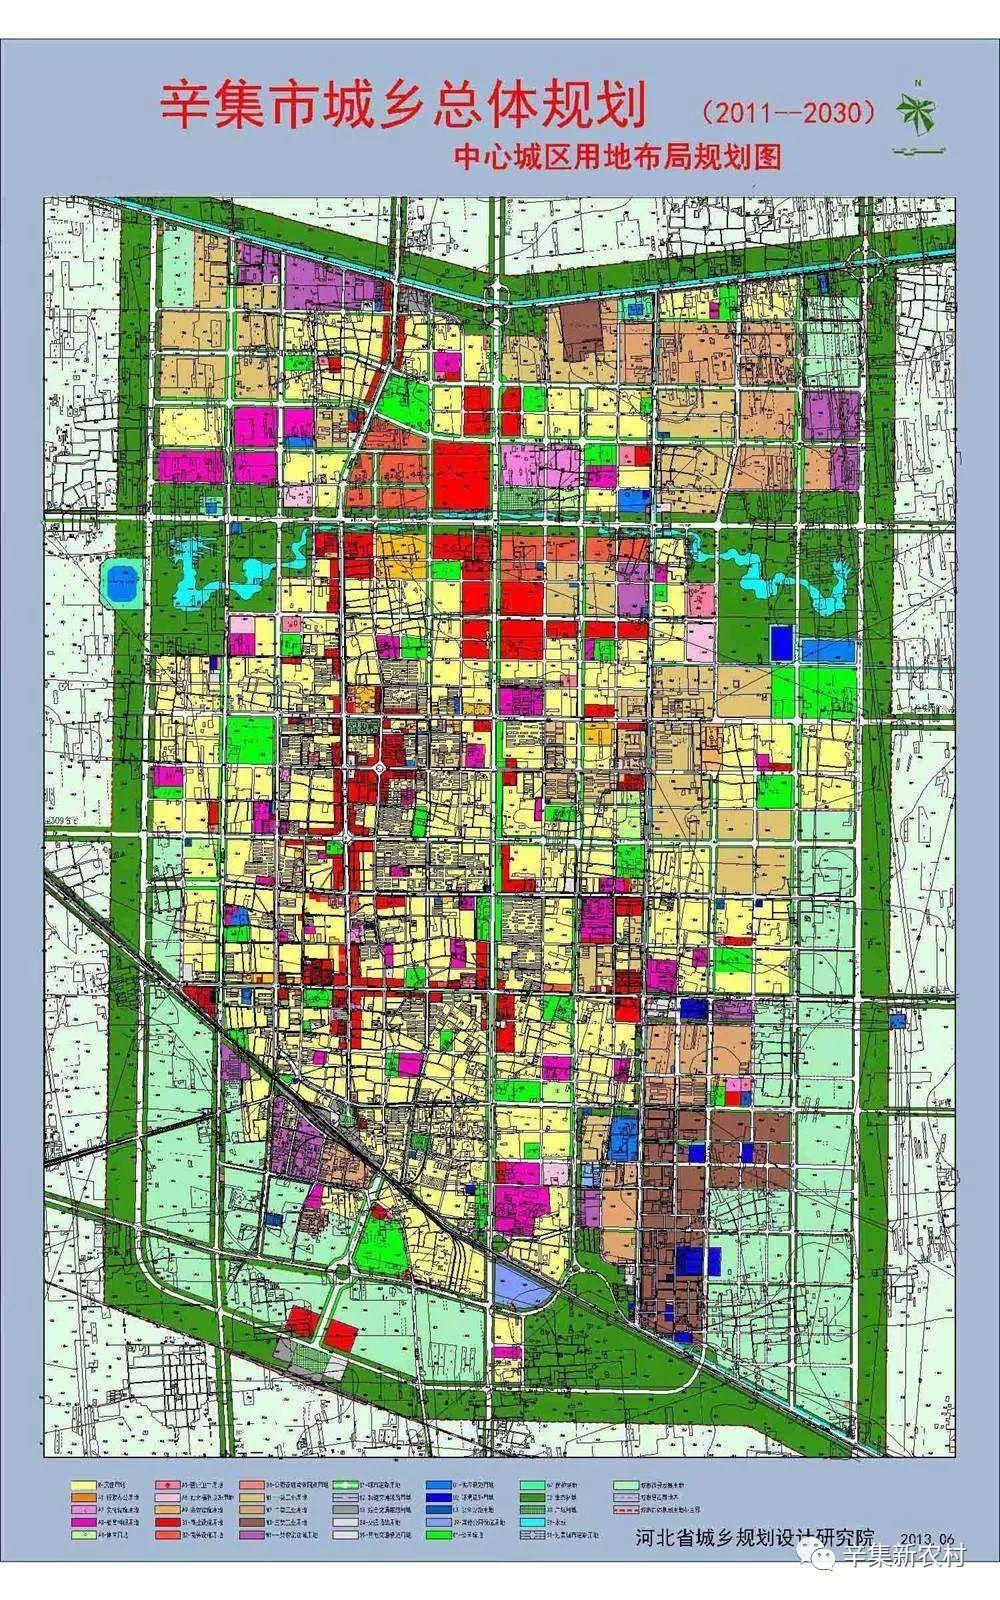 2018年,辛集市区范围最新划定